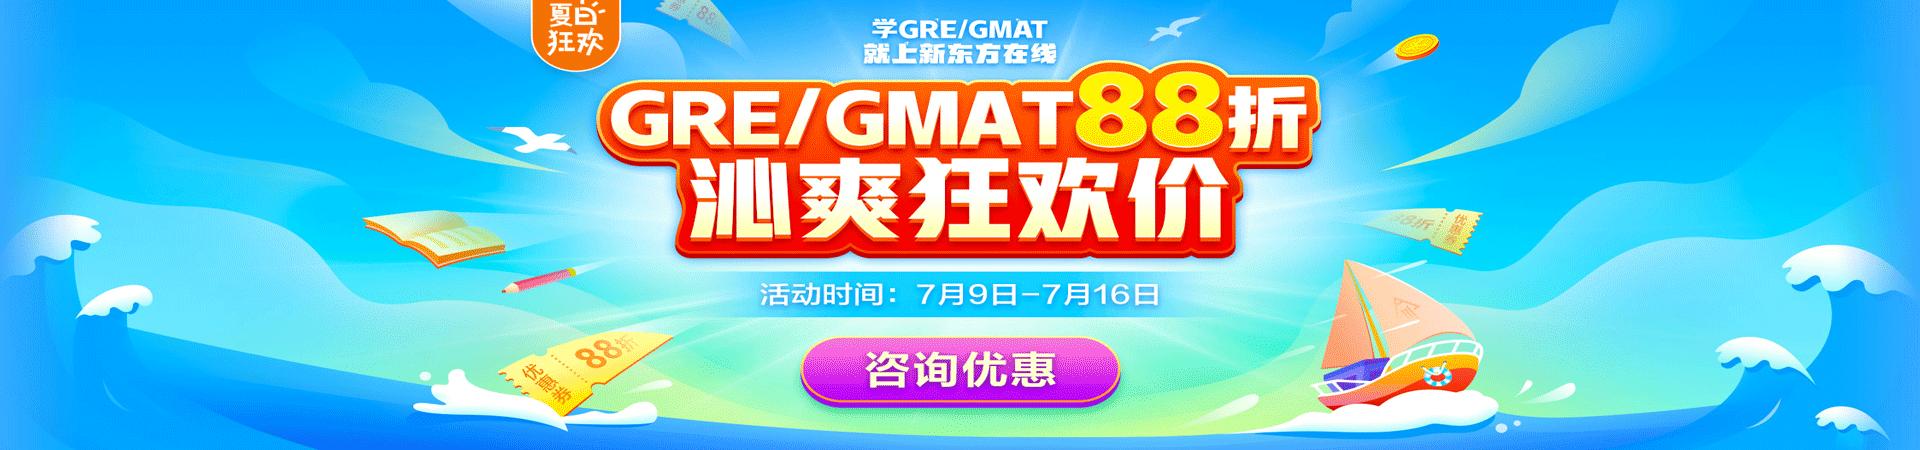 新东方GMAT线上培训